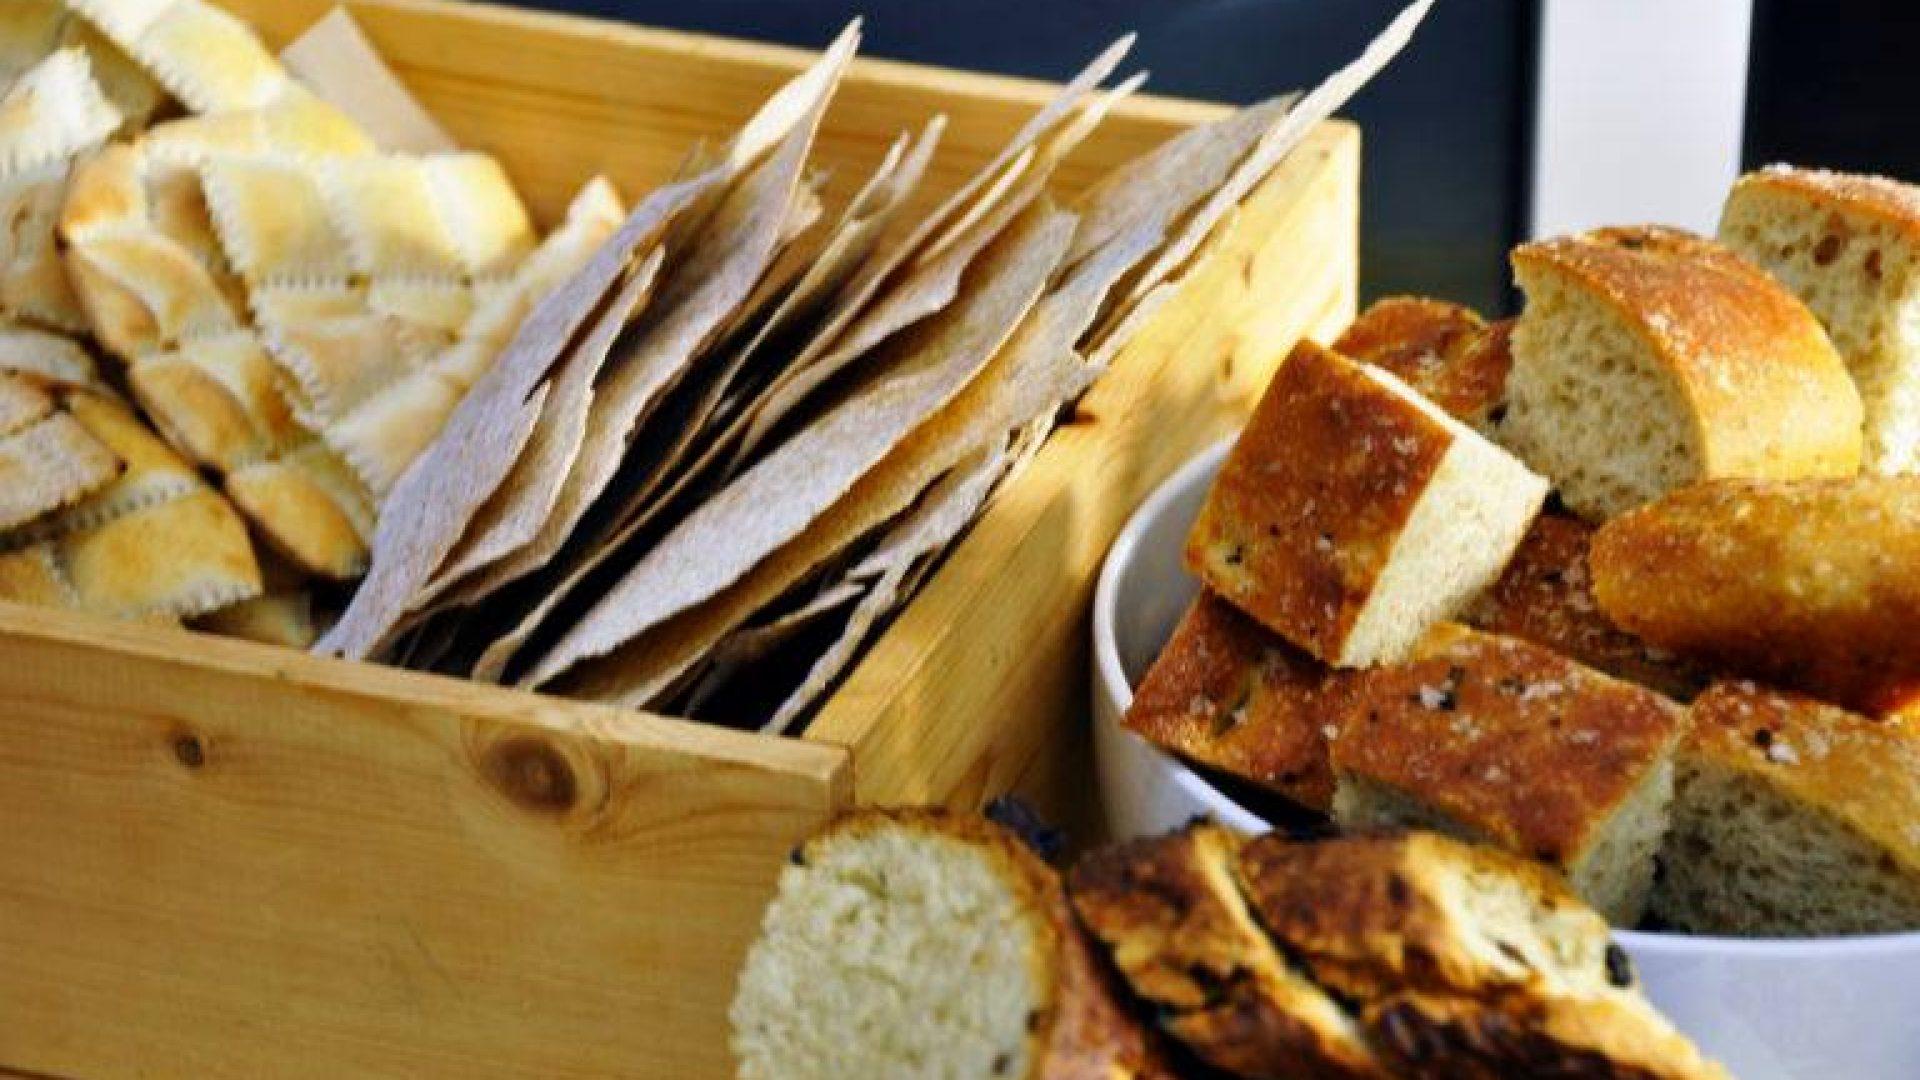 Flatbrød, Kamkake og diverse bakst